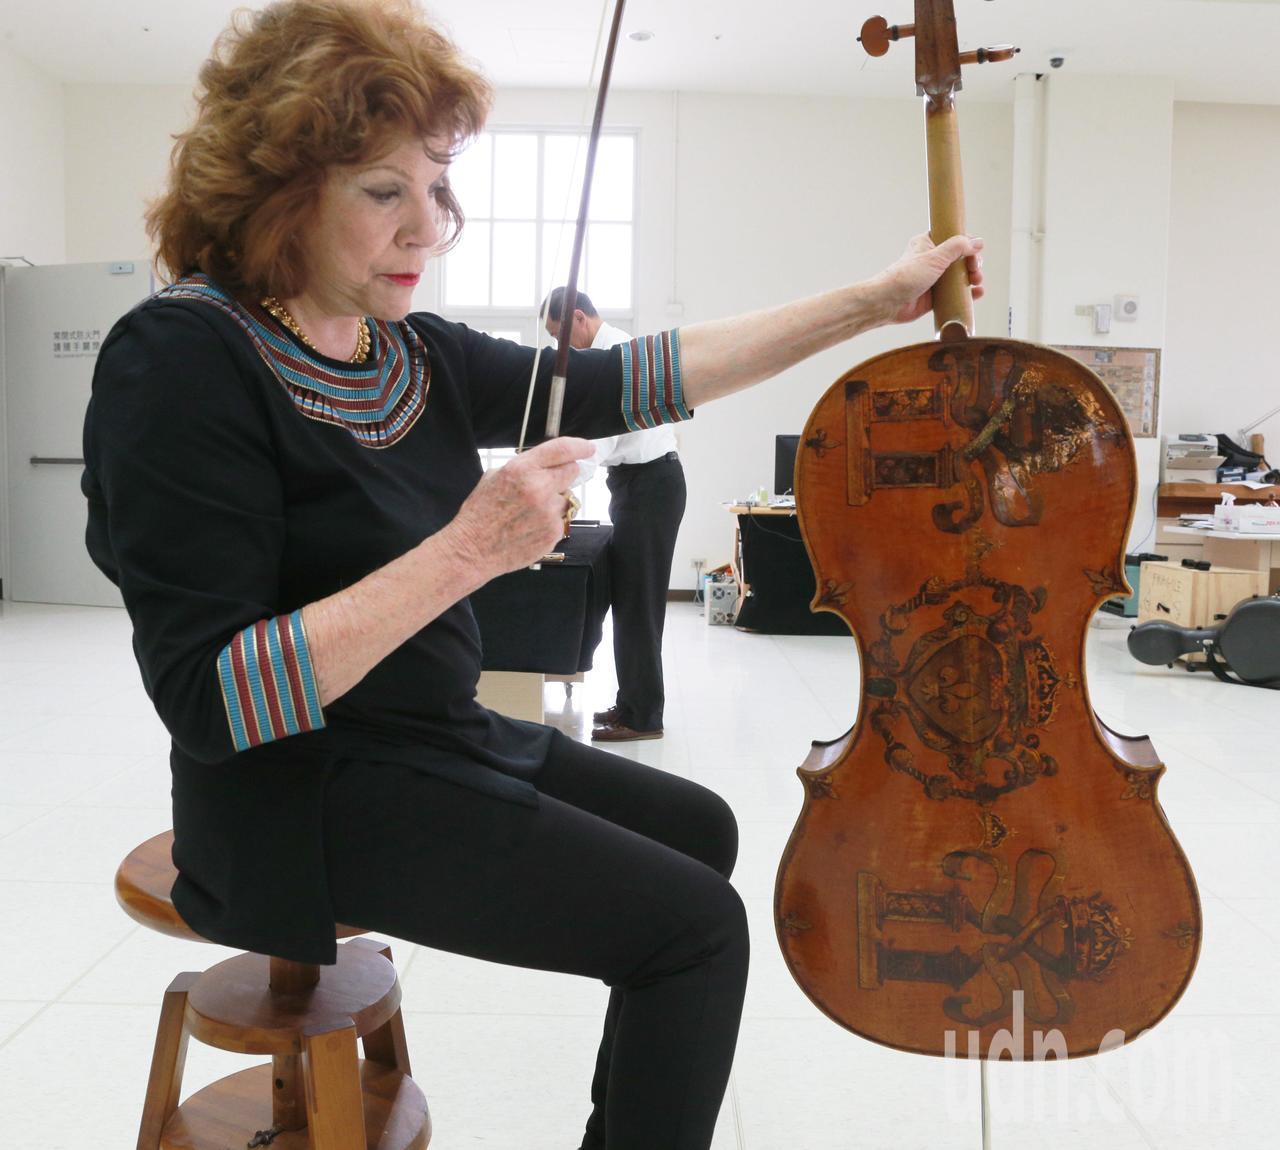 館方大方禮遇瓦列芙斯卡試拉不外借的古董大提琴「Andrea Amati 1566...